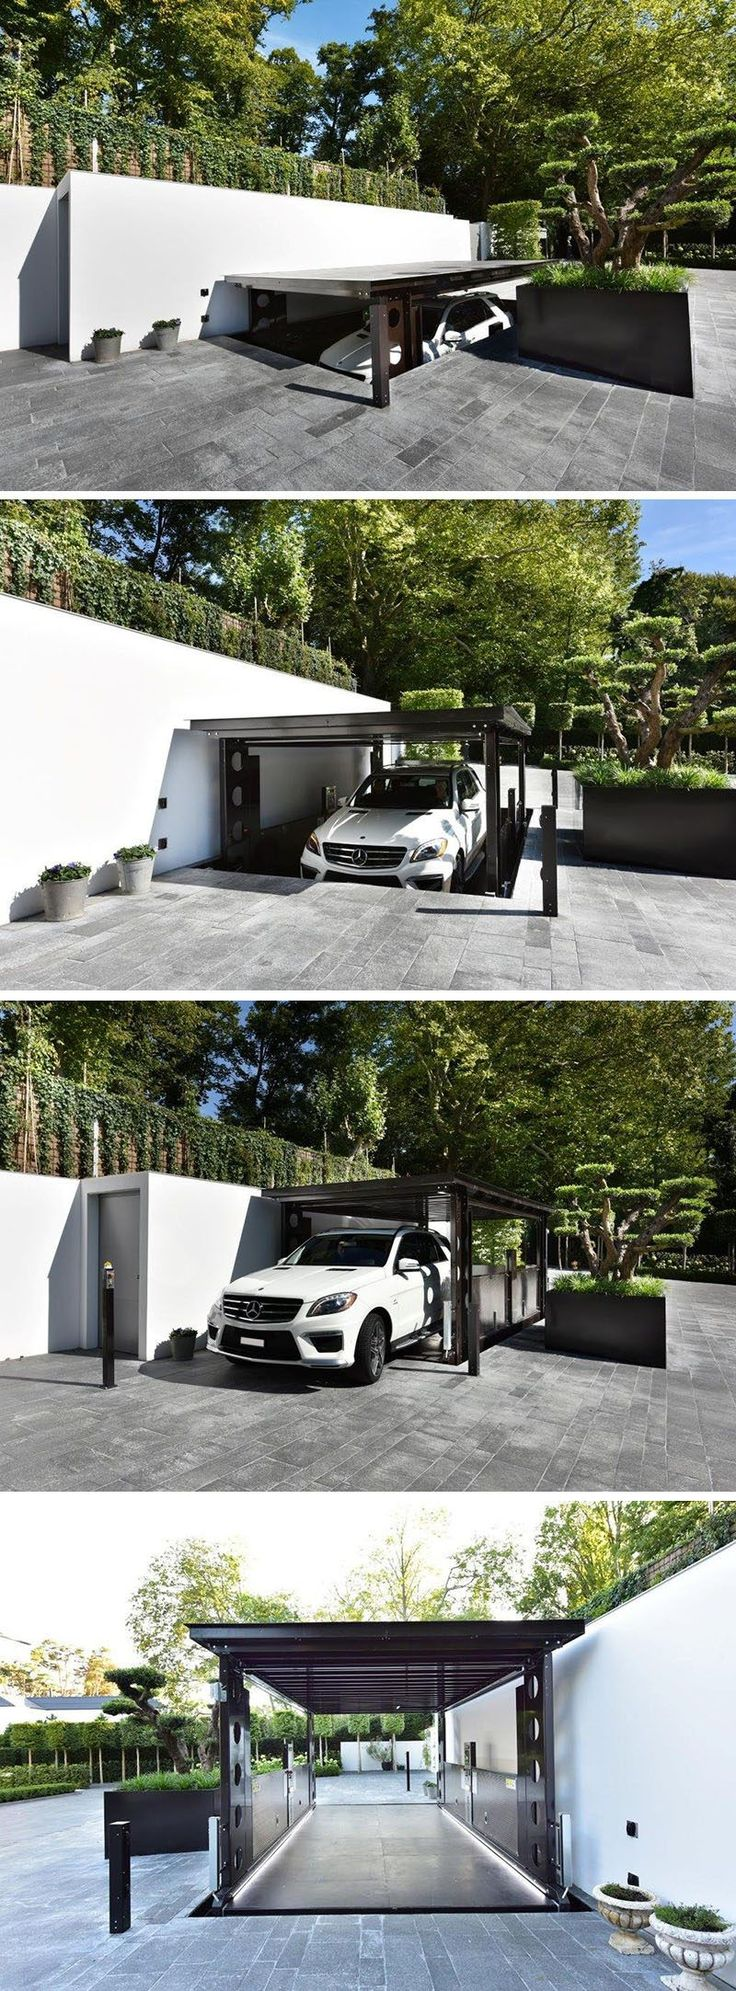 The 25 best garage lift ideas on pinterest diy garage storage si vous souhaitez avoir un garage mais que vous ne voulez pas que vous l solutioingenieria Images